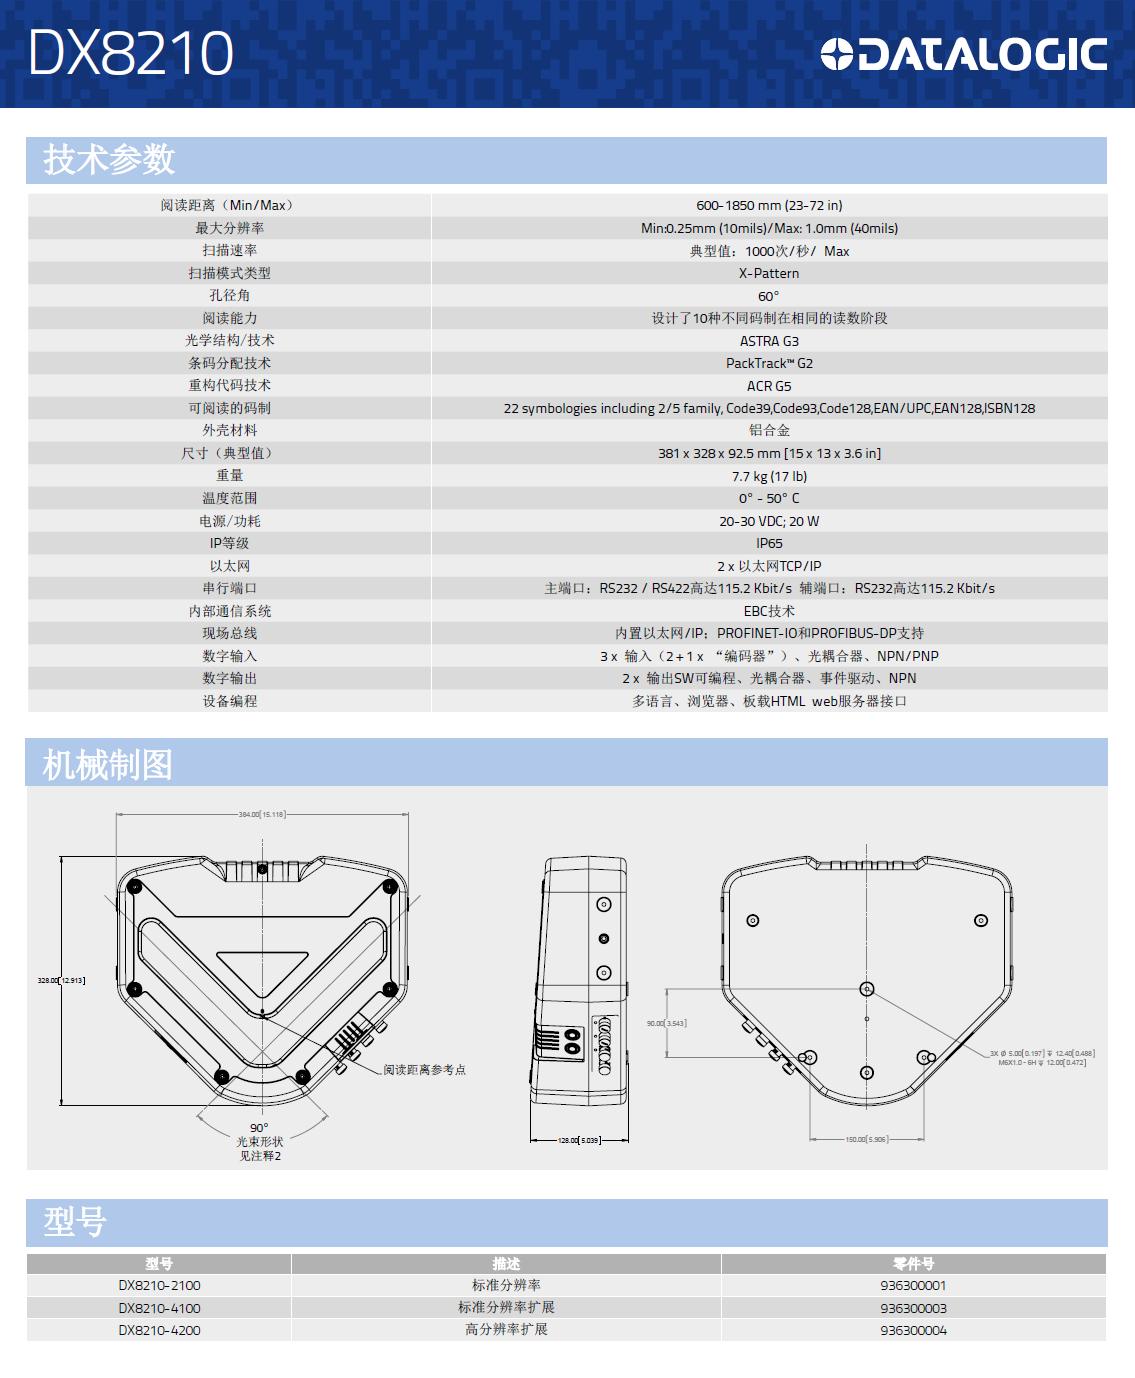 得利捷DX8210固定式二维码扫描仪